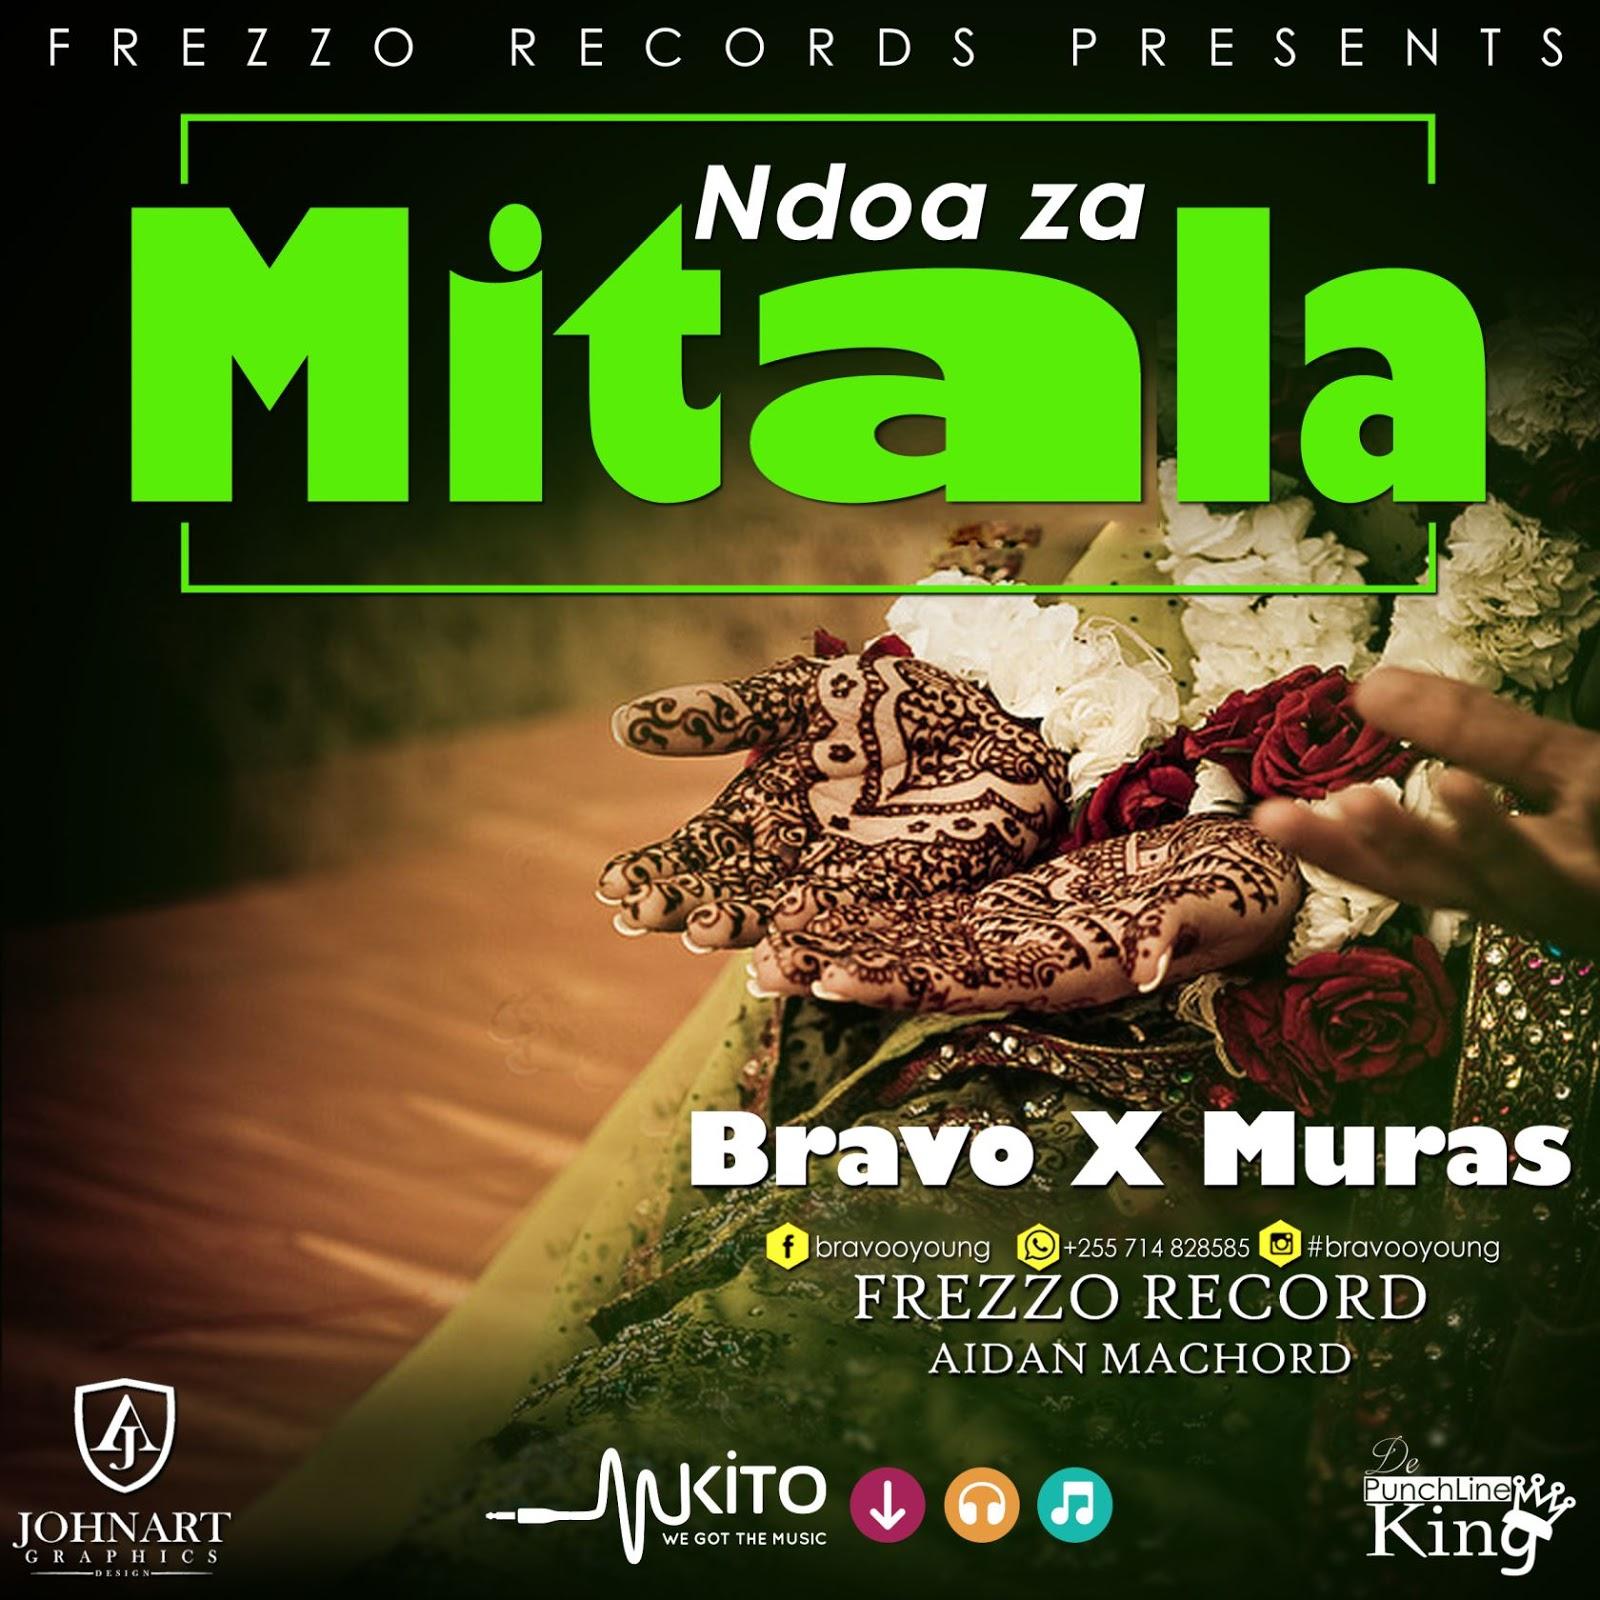 Bravo Ft. Muras - Ndoa Za Mitala